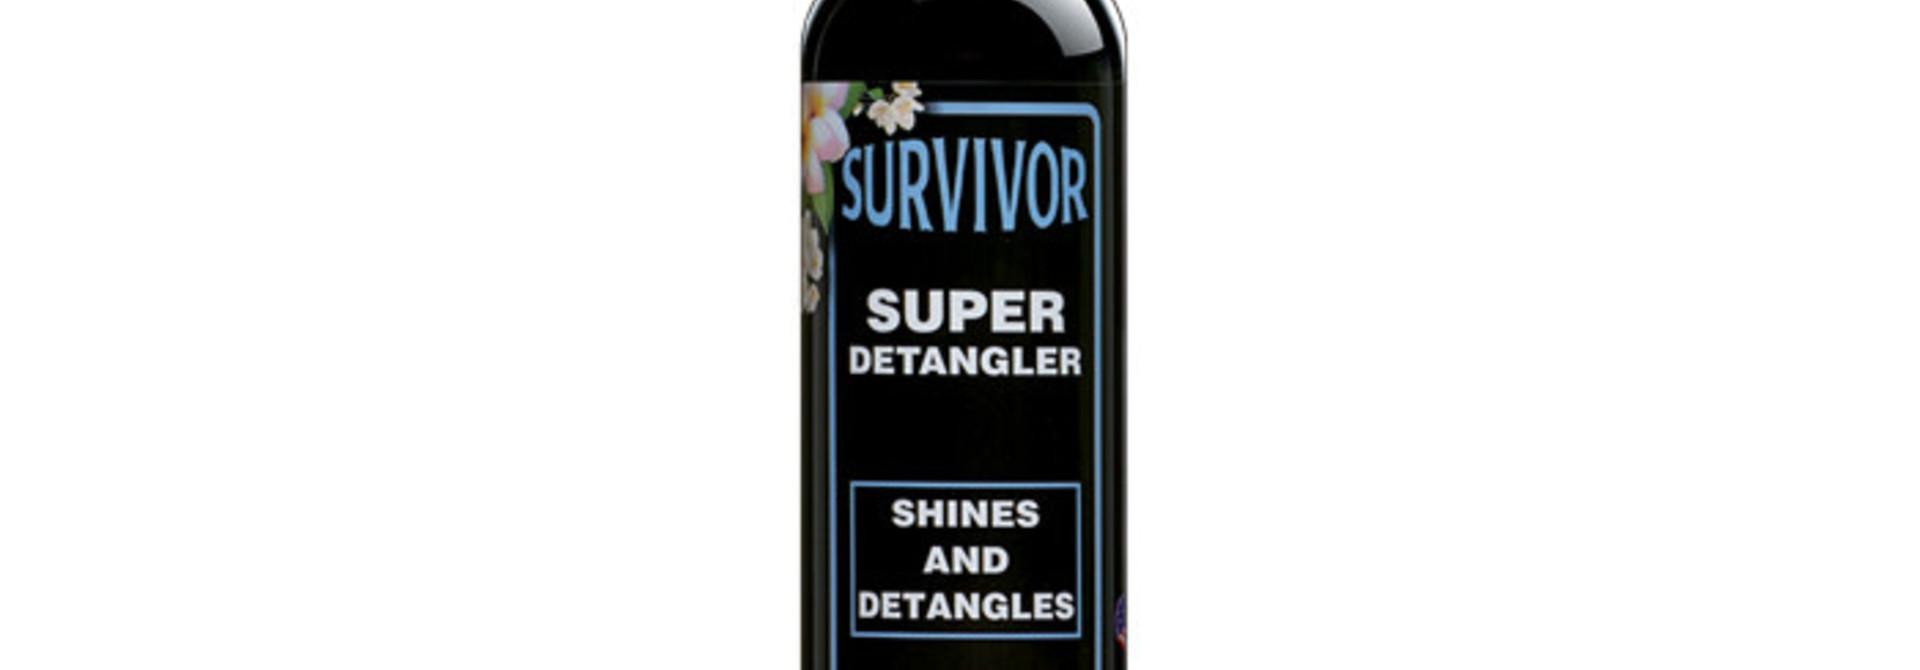 Survivor Detangler Shine 4 oz